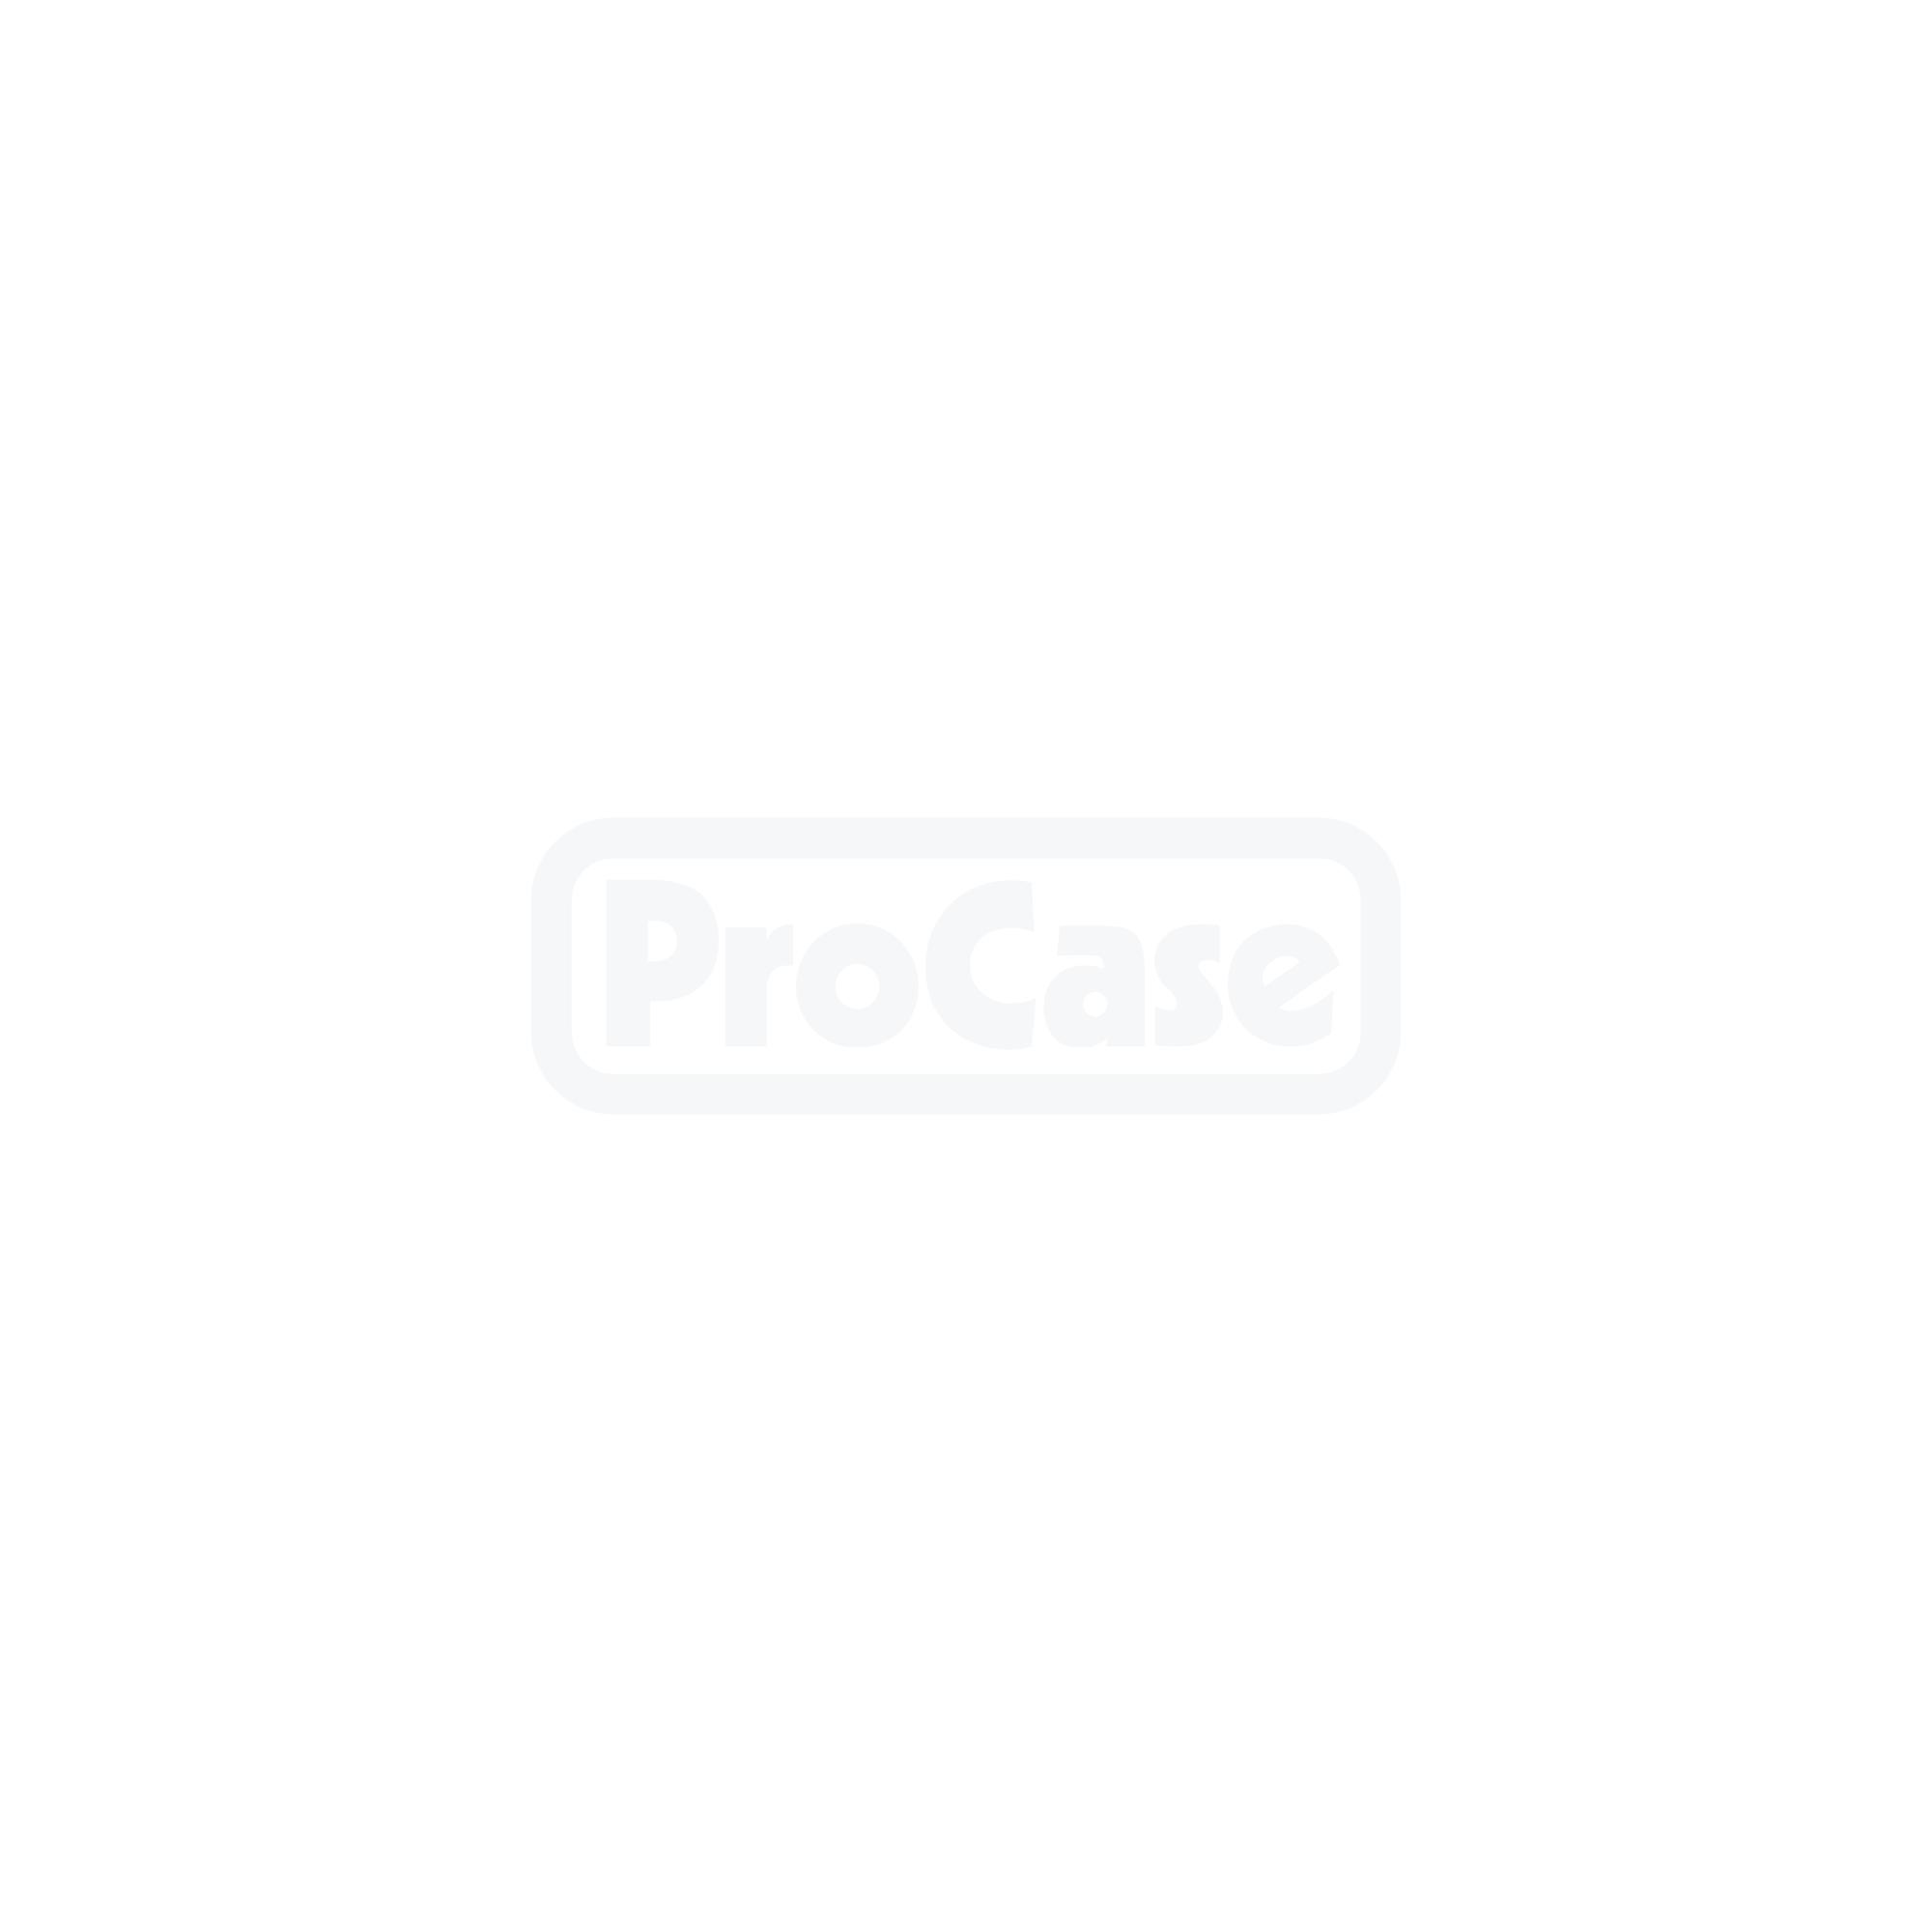 Tansportkoffer für 10 Dell Latitude E5410 Laptops 2